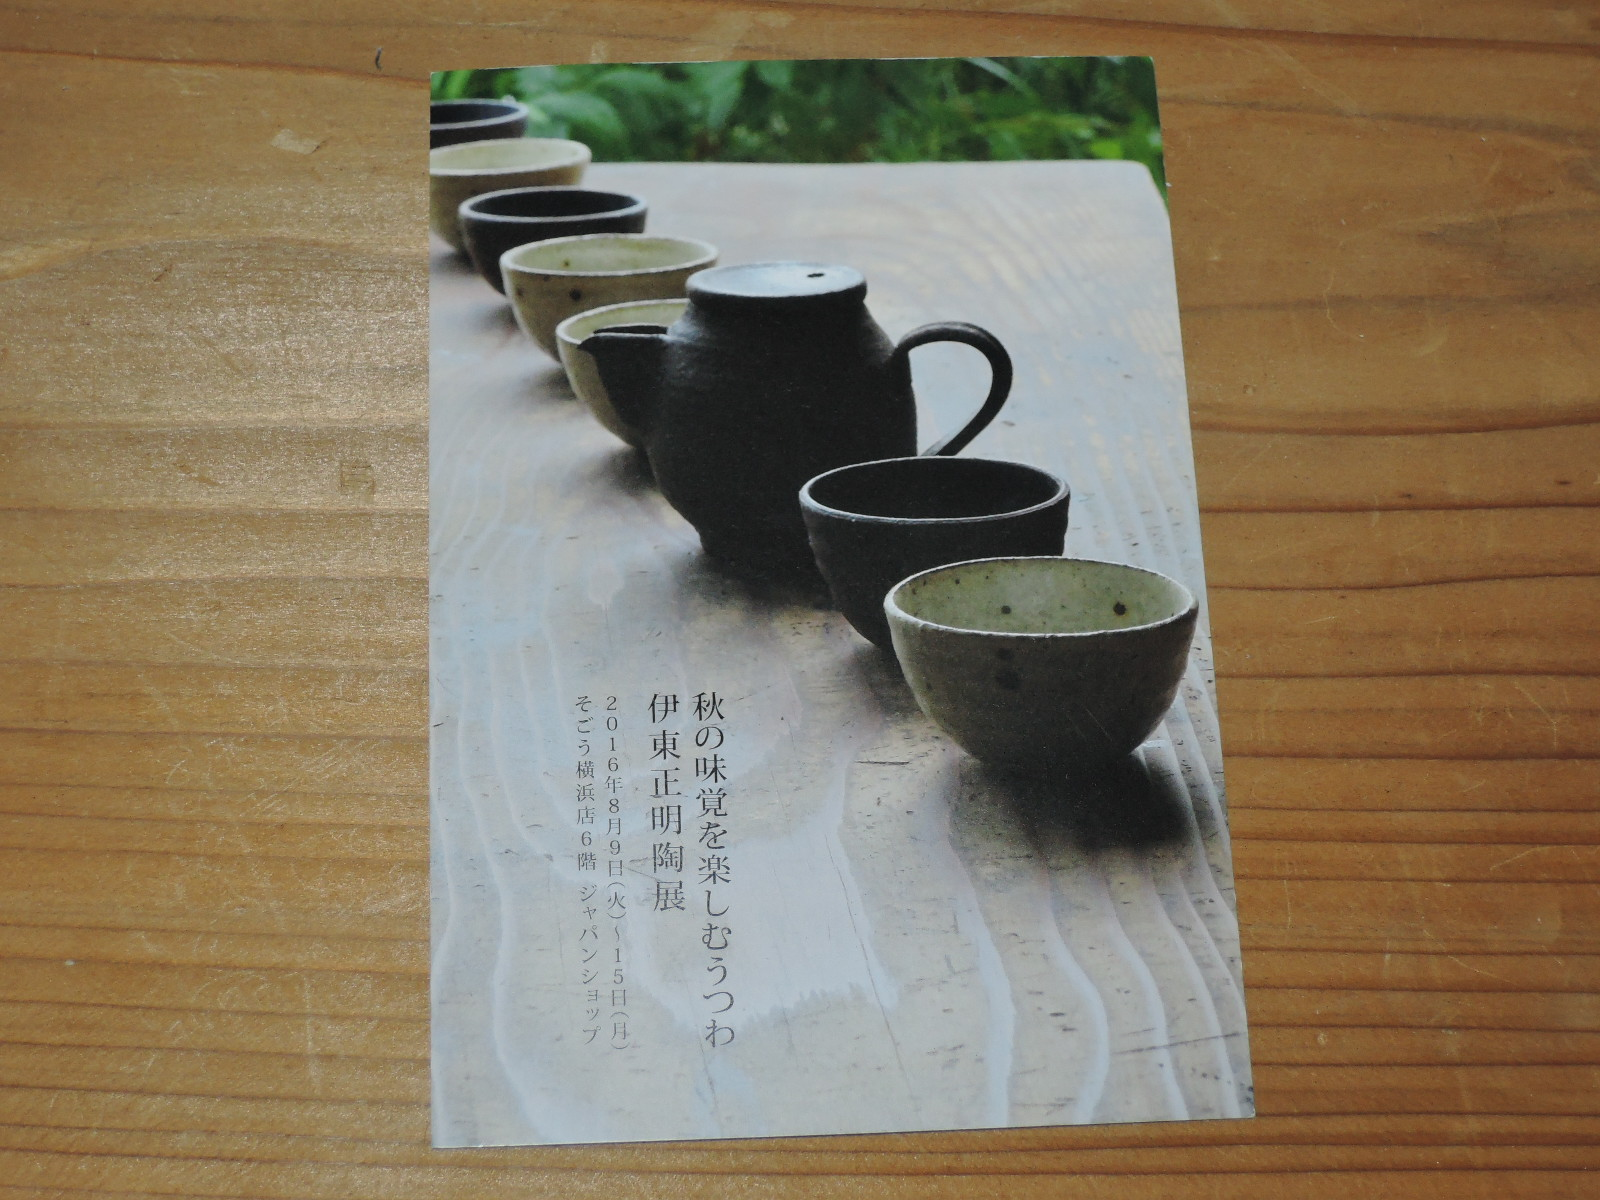 伊東正明さんの陶展「秋の味覚を楽しむ器」案内ハガキ